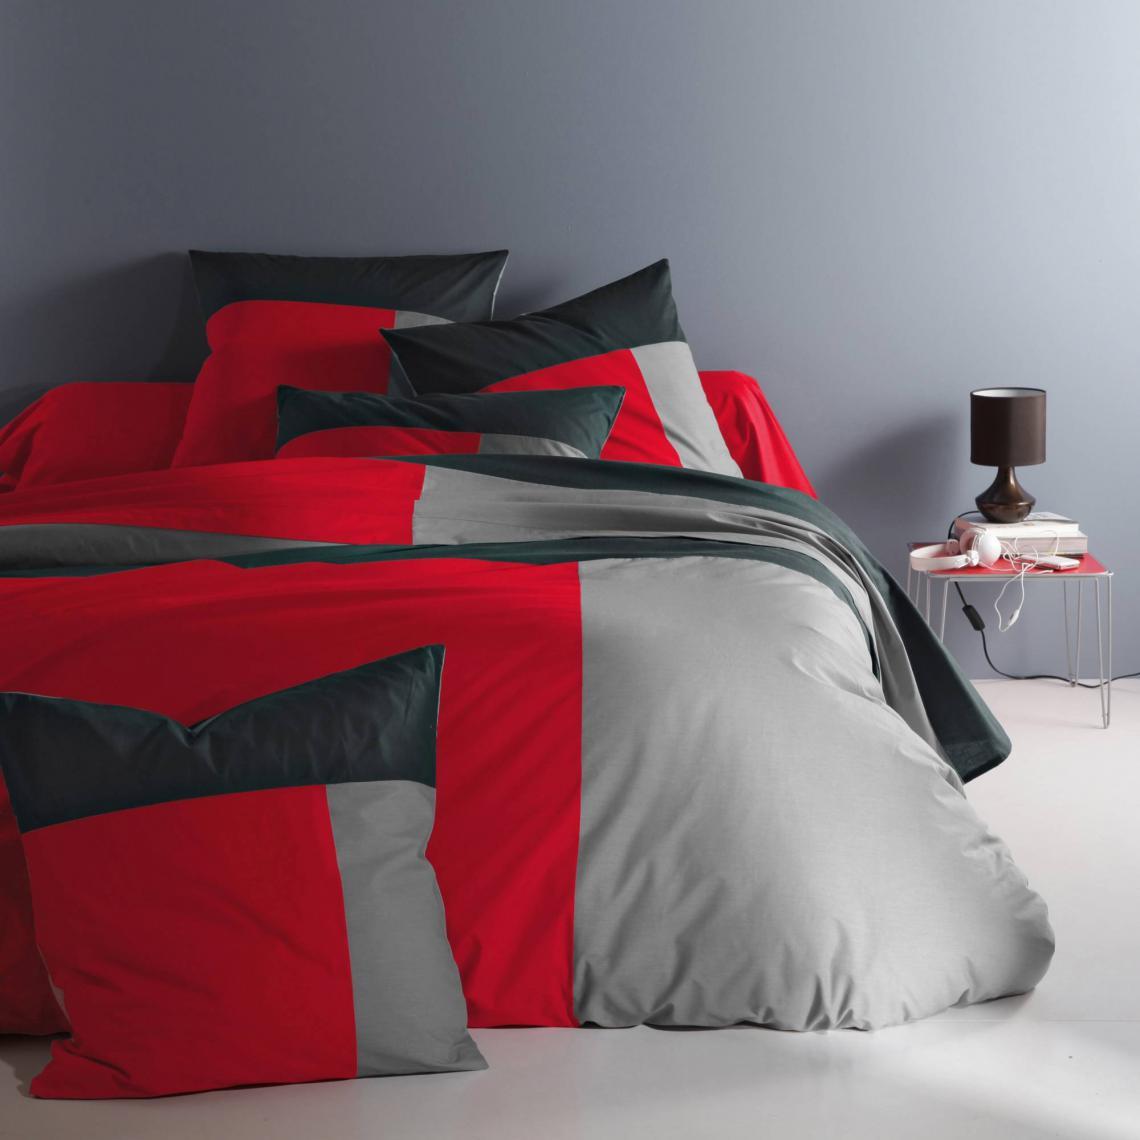 housse de couette coton trio rouge 3 suisses. Black Bedroom Furniture Sets. Home Design Ideas